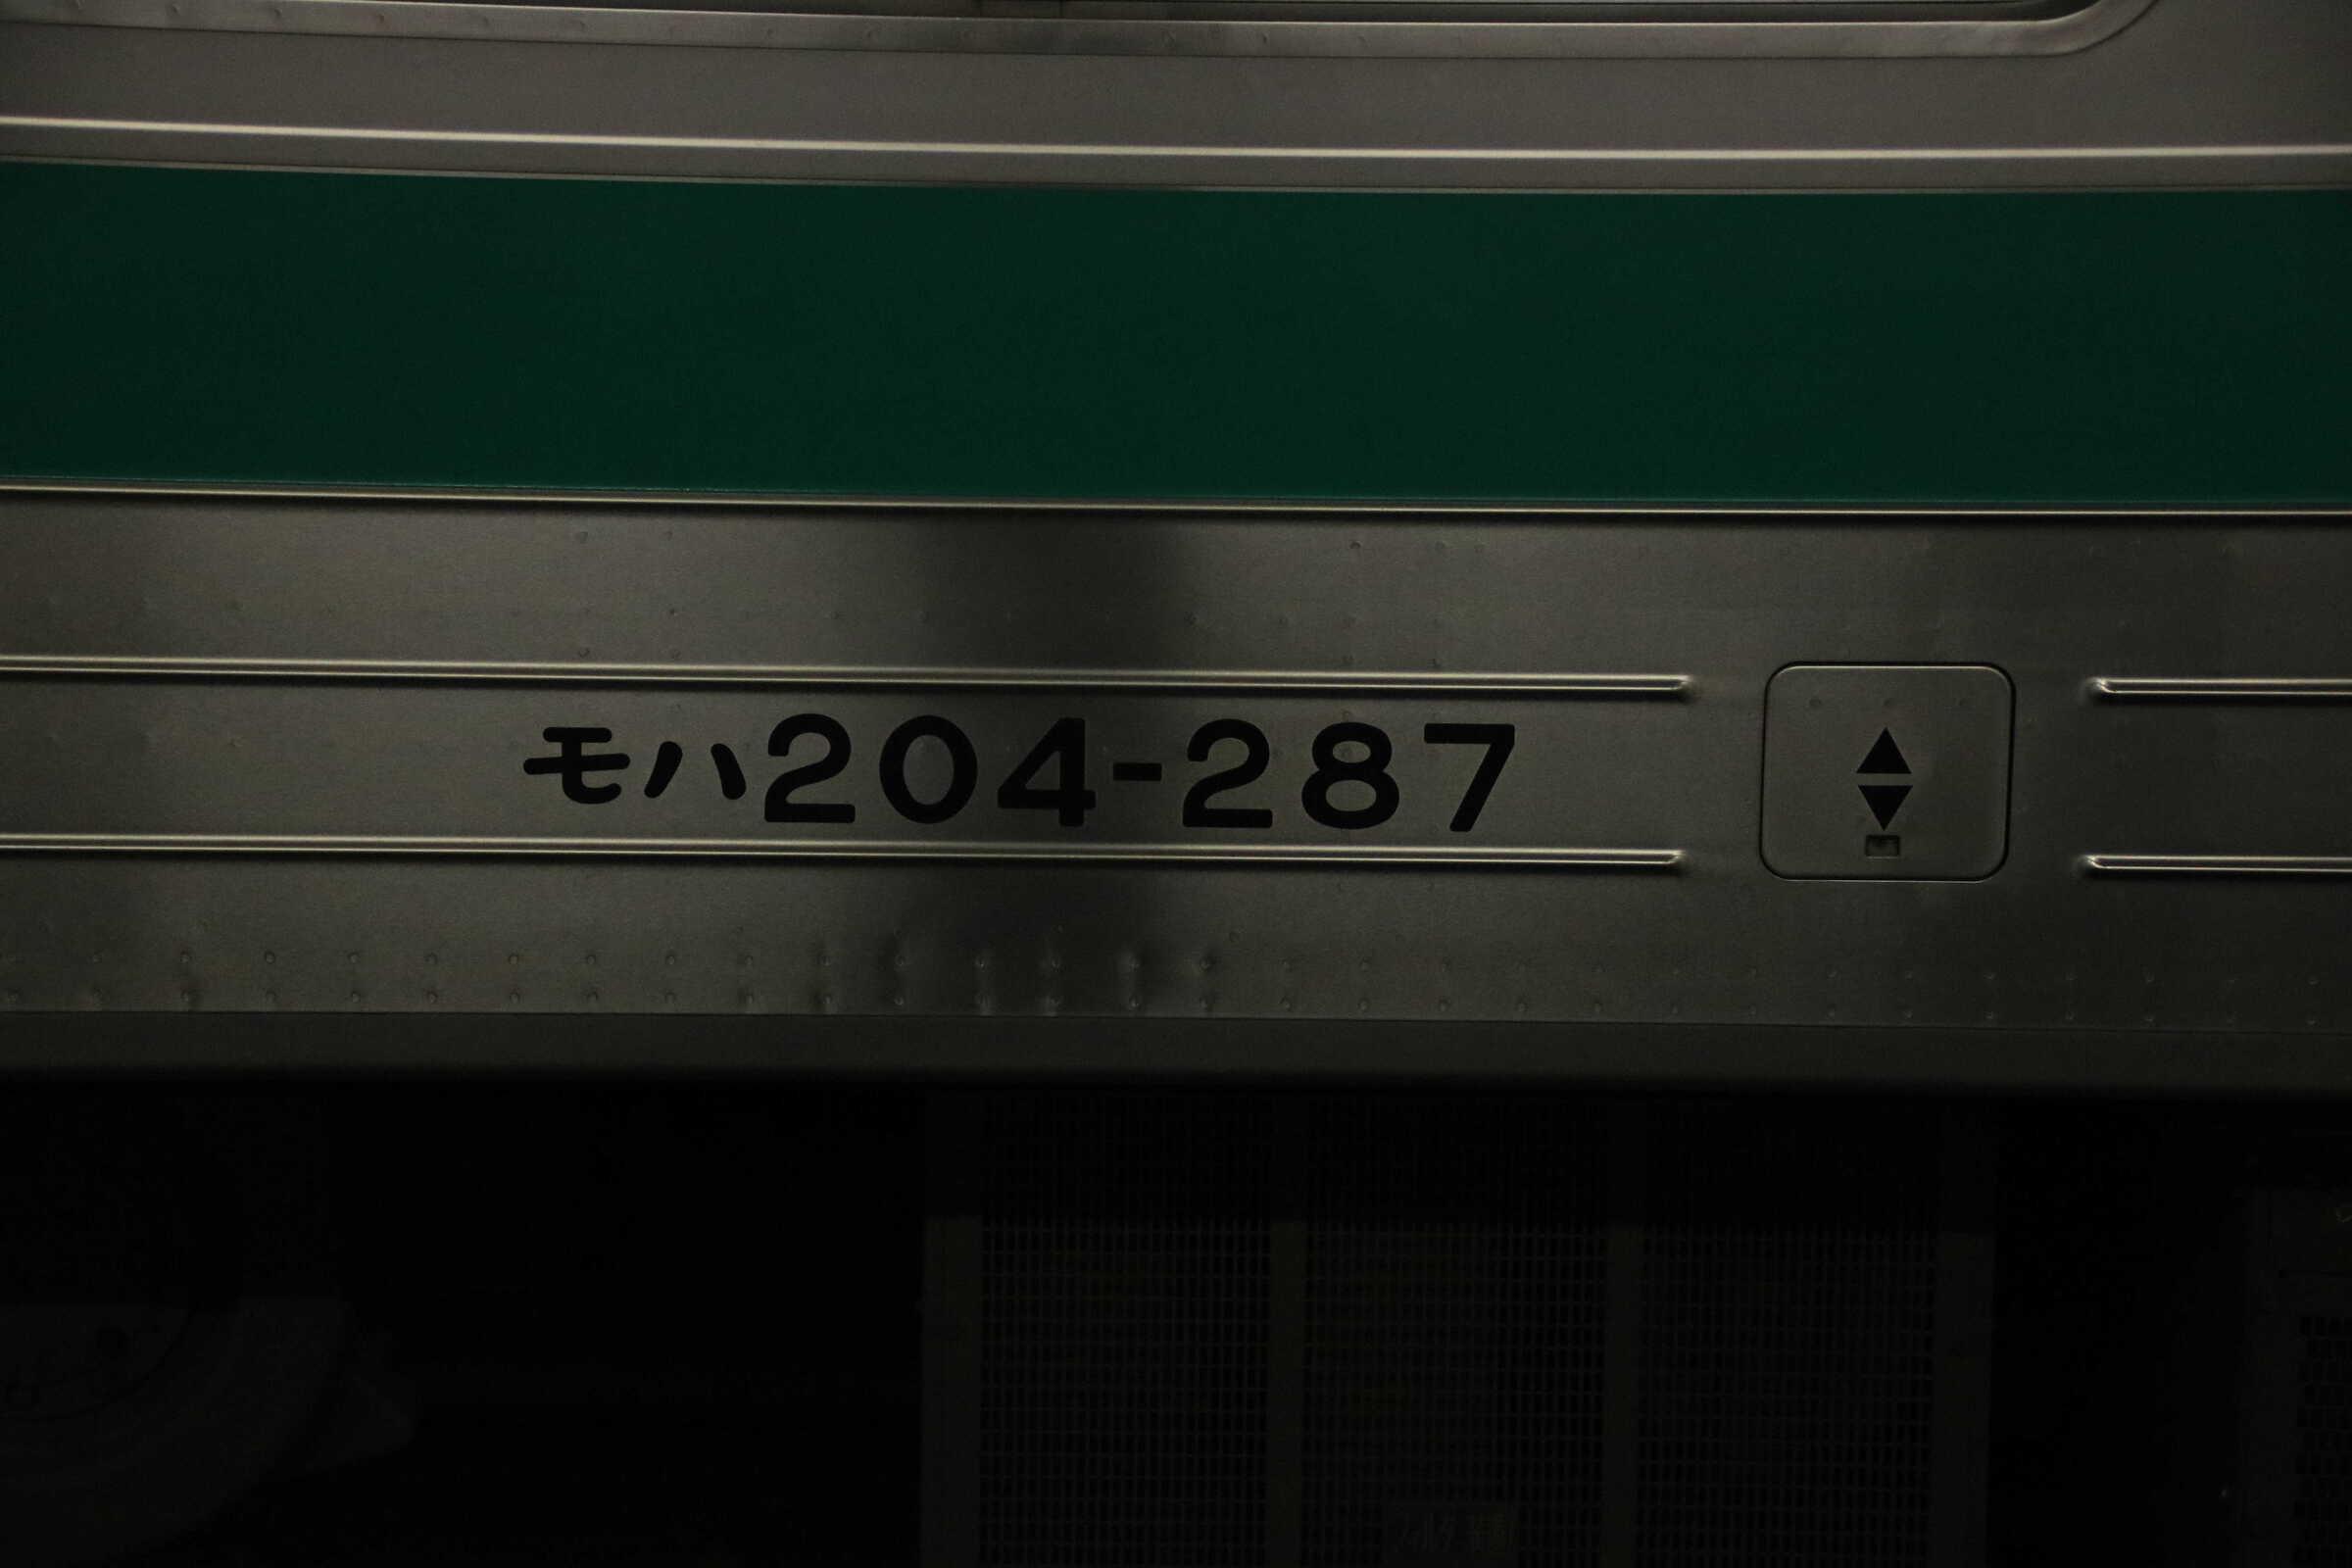 205系 宮ハエ28編成 モハ204-287